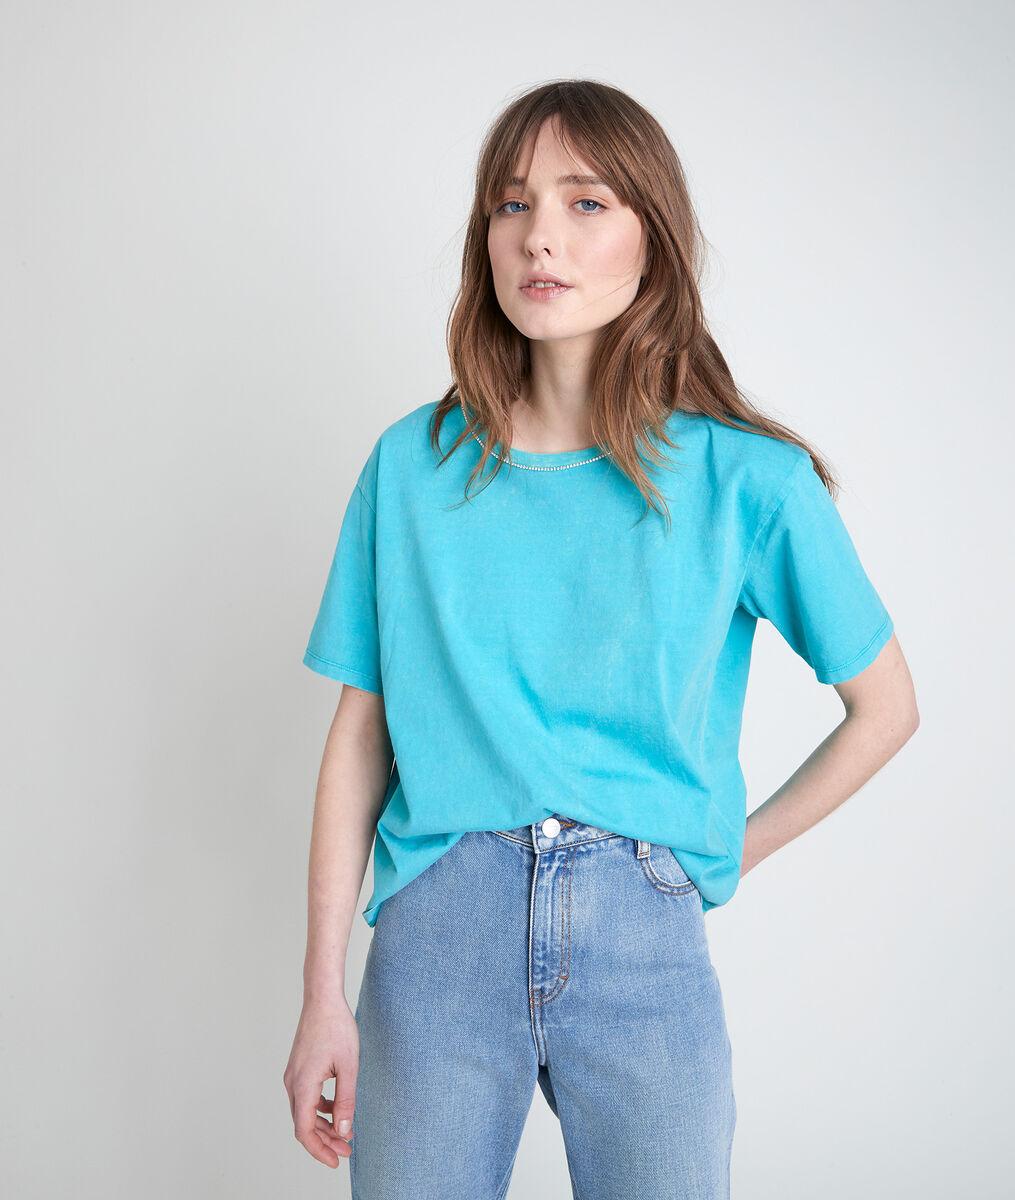 Tee-shirt en coton biologique turquoise à strass Inox PhotoZ | 1-2-3